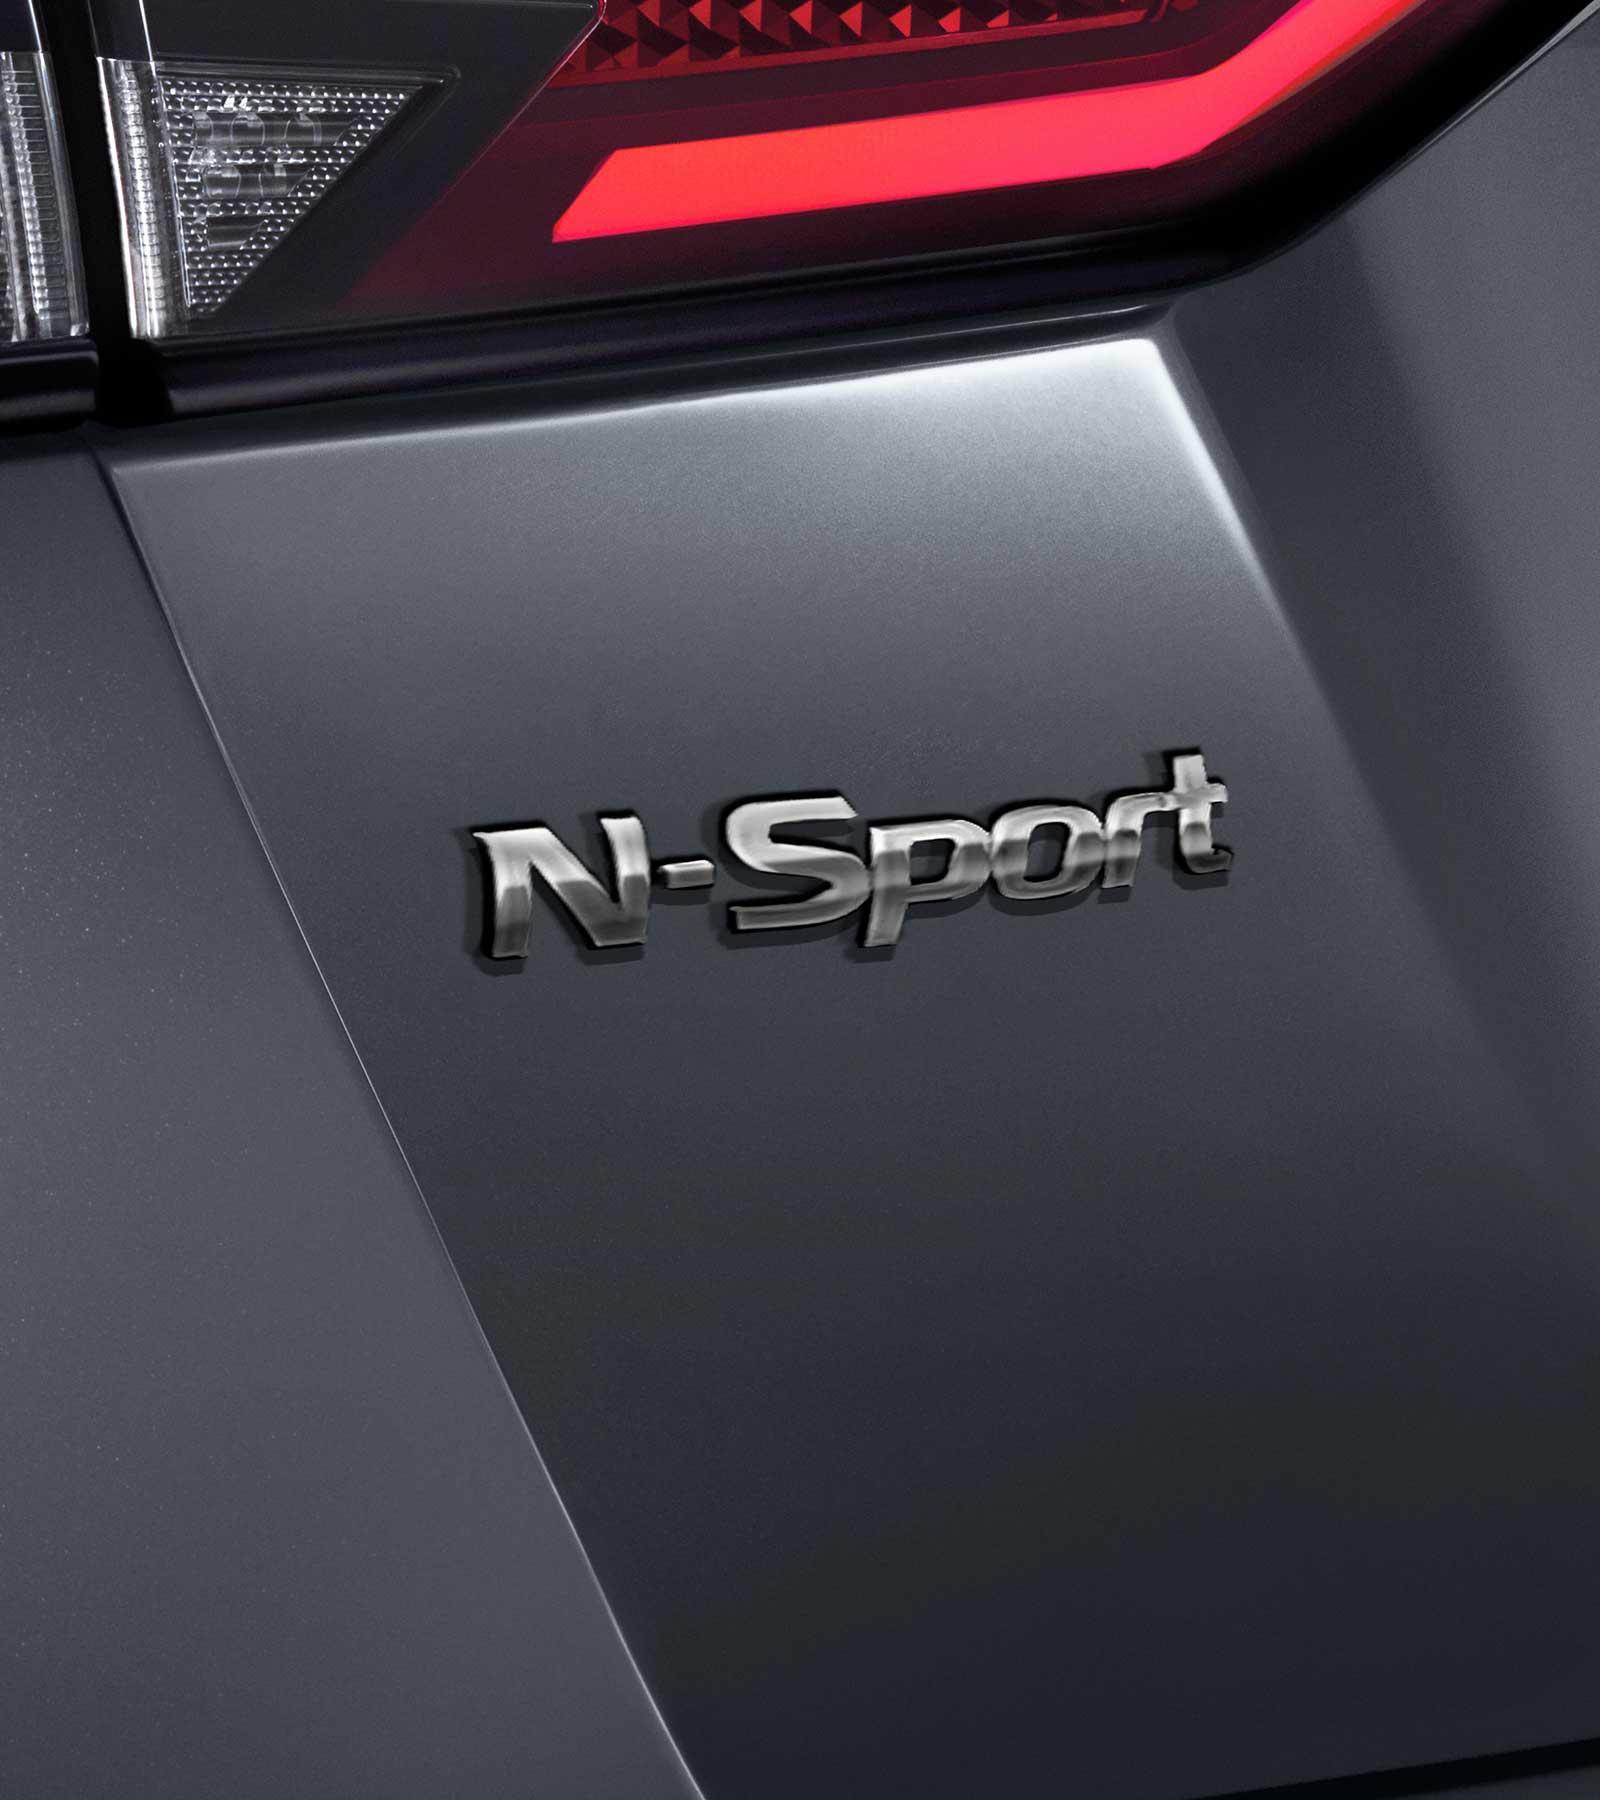 สัญลักษณ์ N-Sport